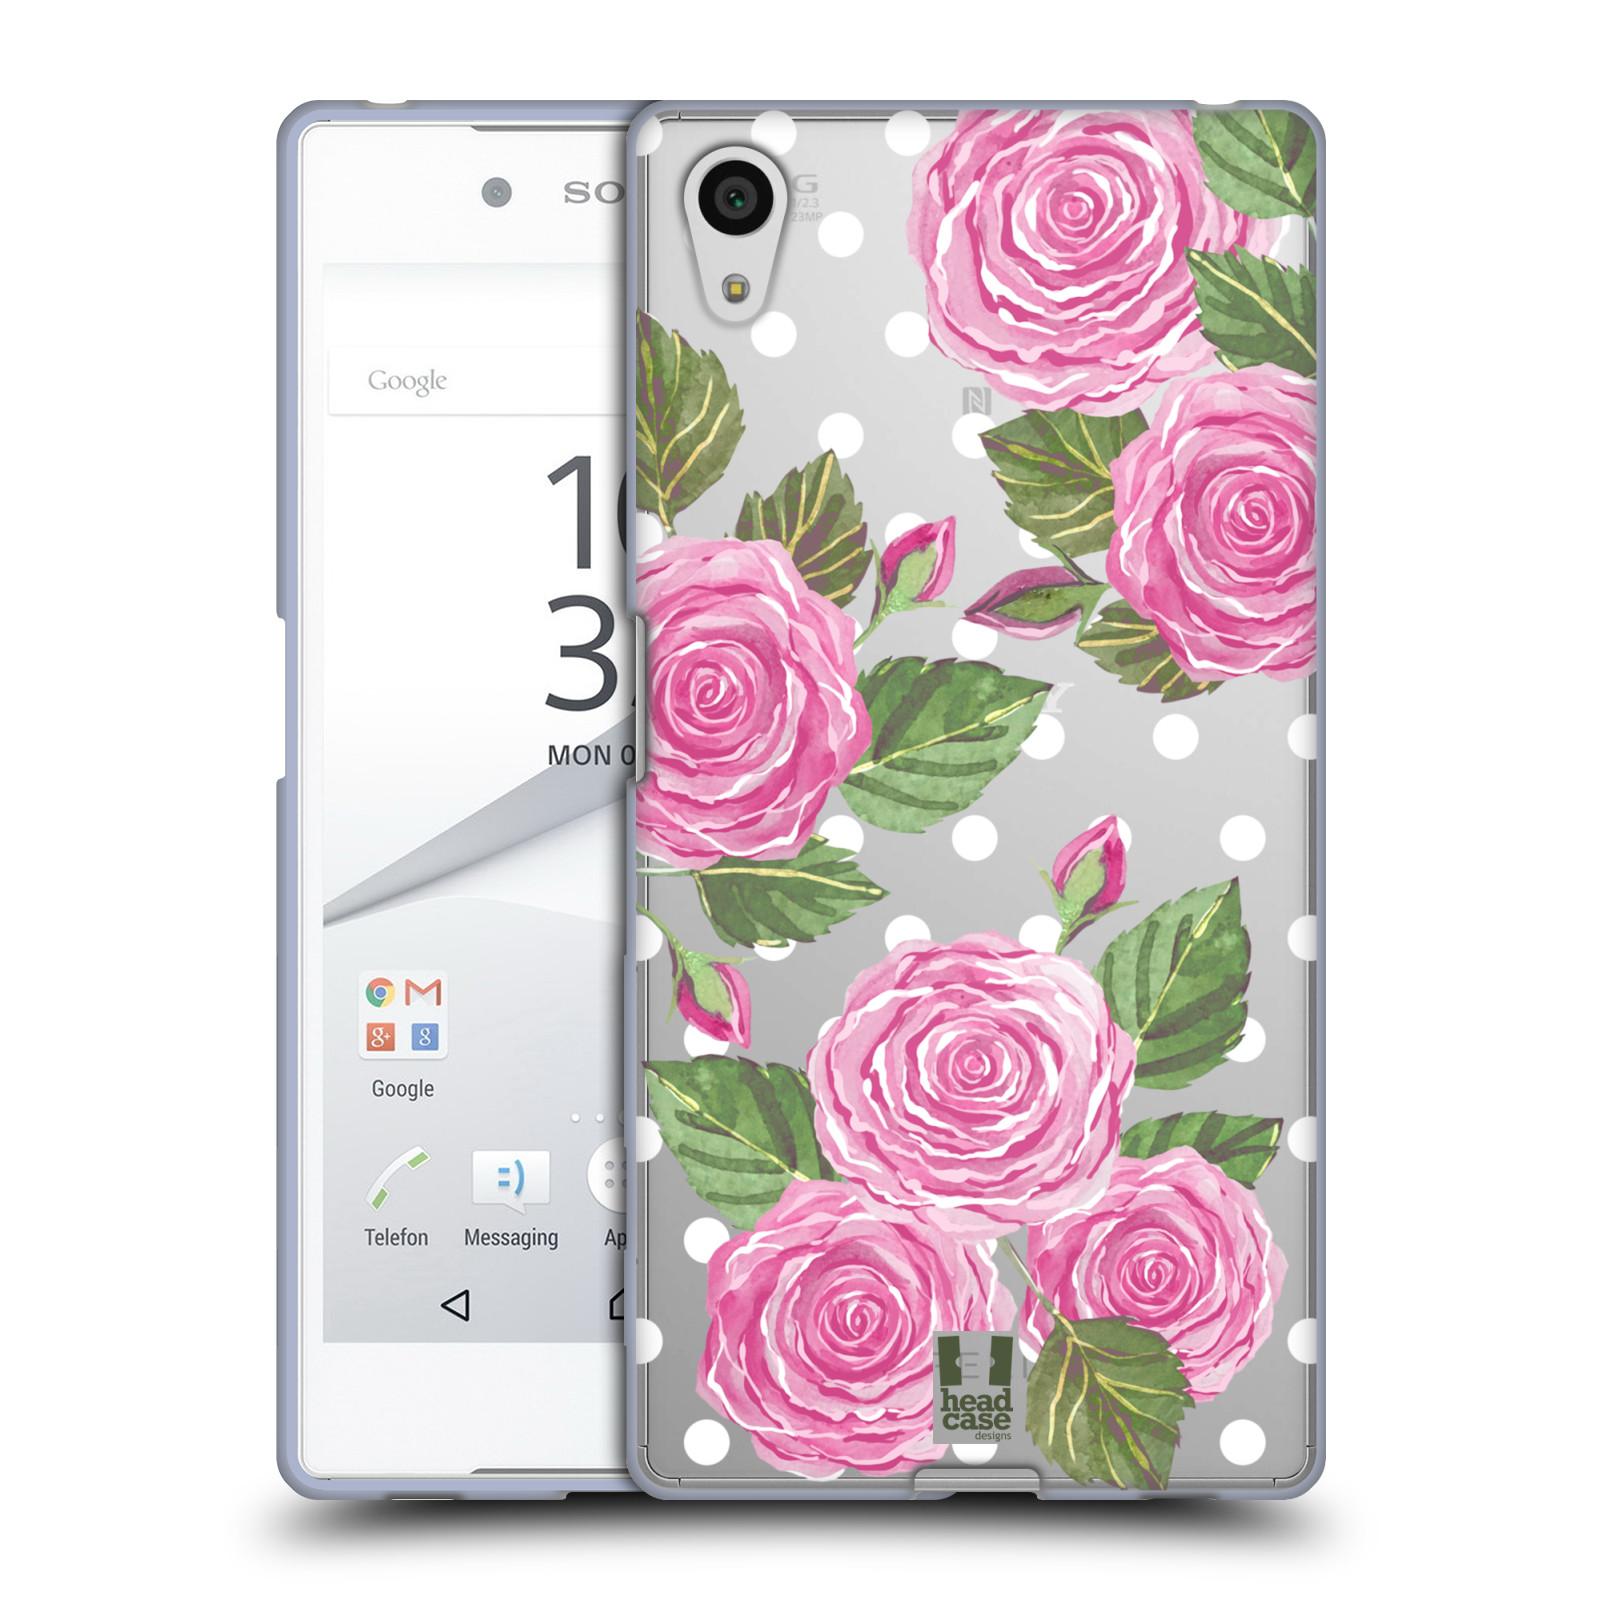 Silikonové pouzdro na mobil Sony Xperia Z5 - Head Case - Hezoučké růžičky - průhledné